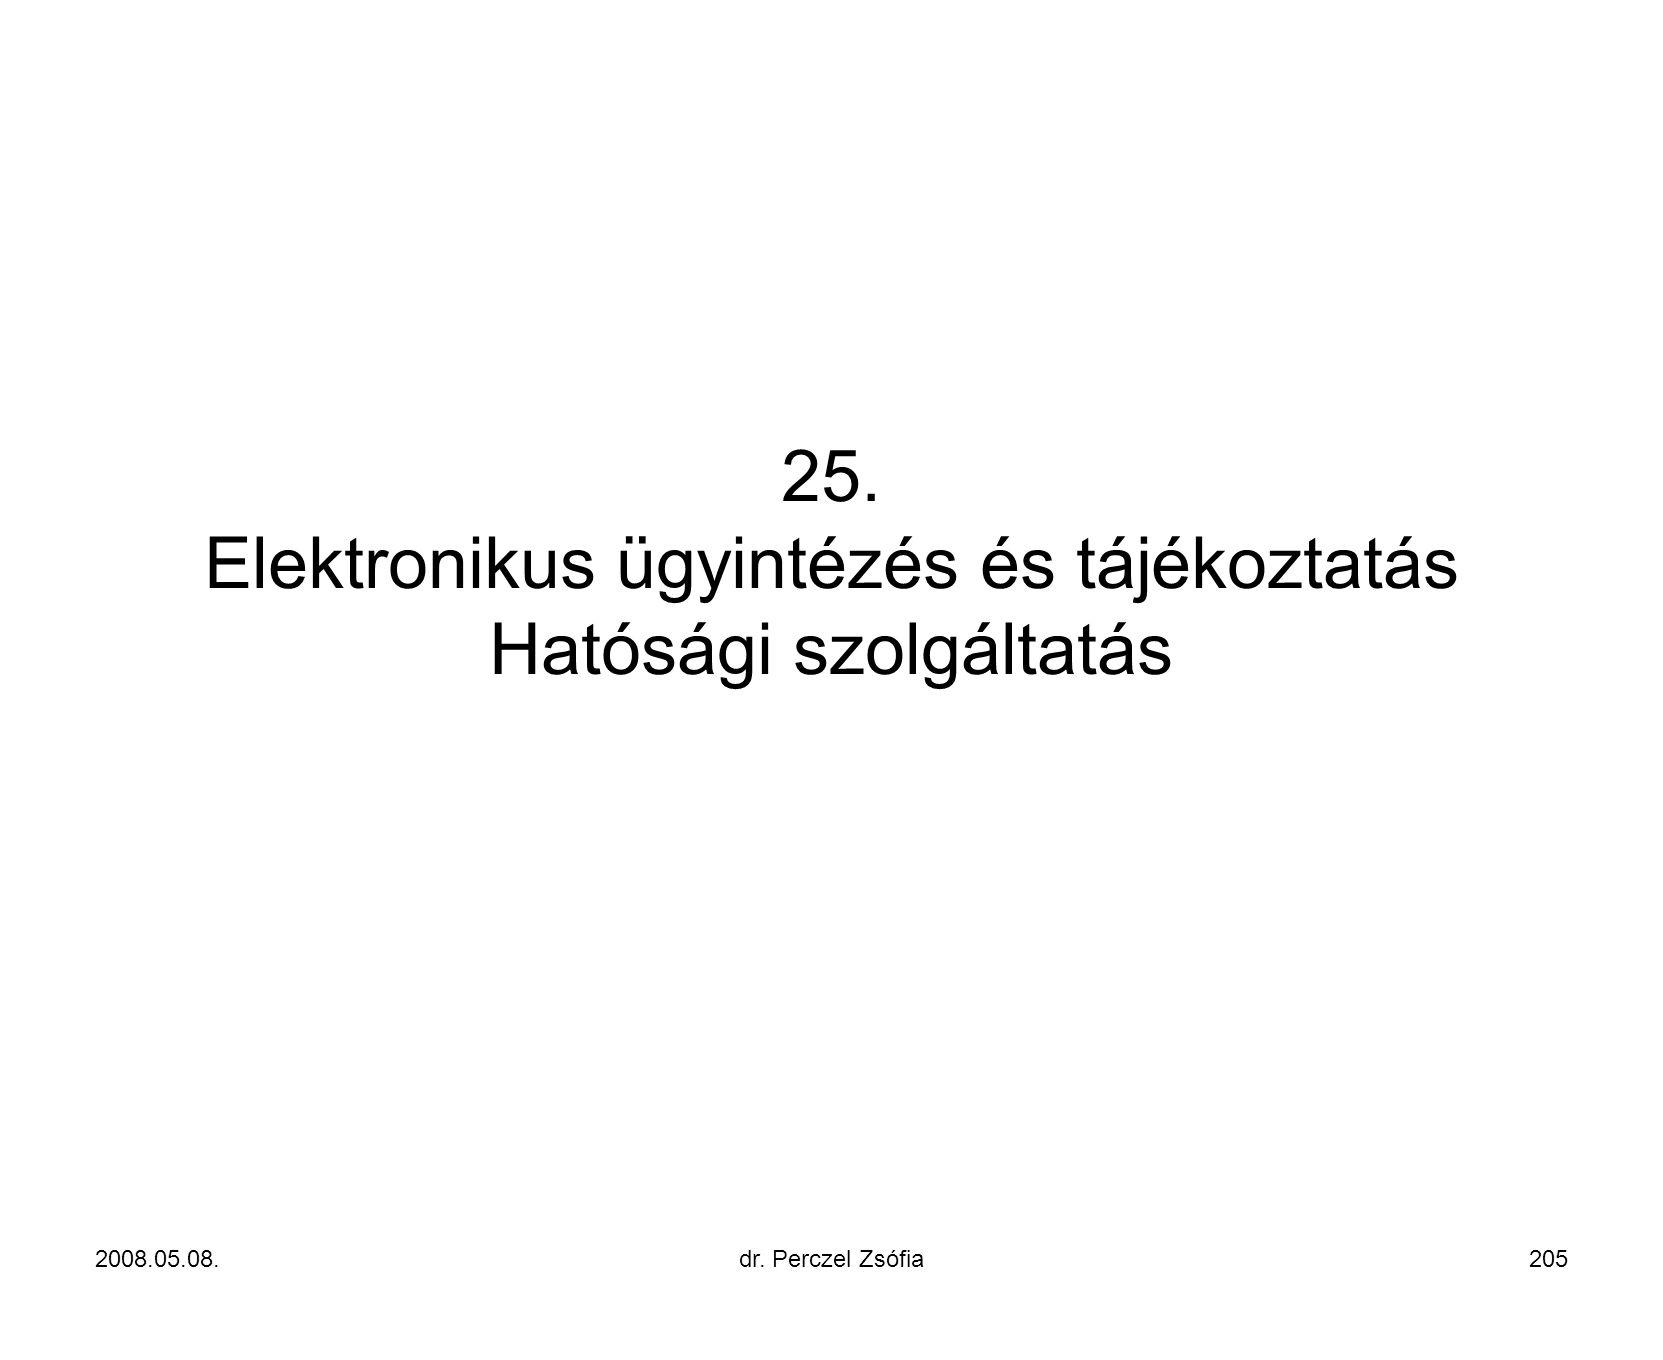 25. Elektronikus ügyintézés és tájékoztatás Hatósági szolgáltatás